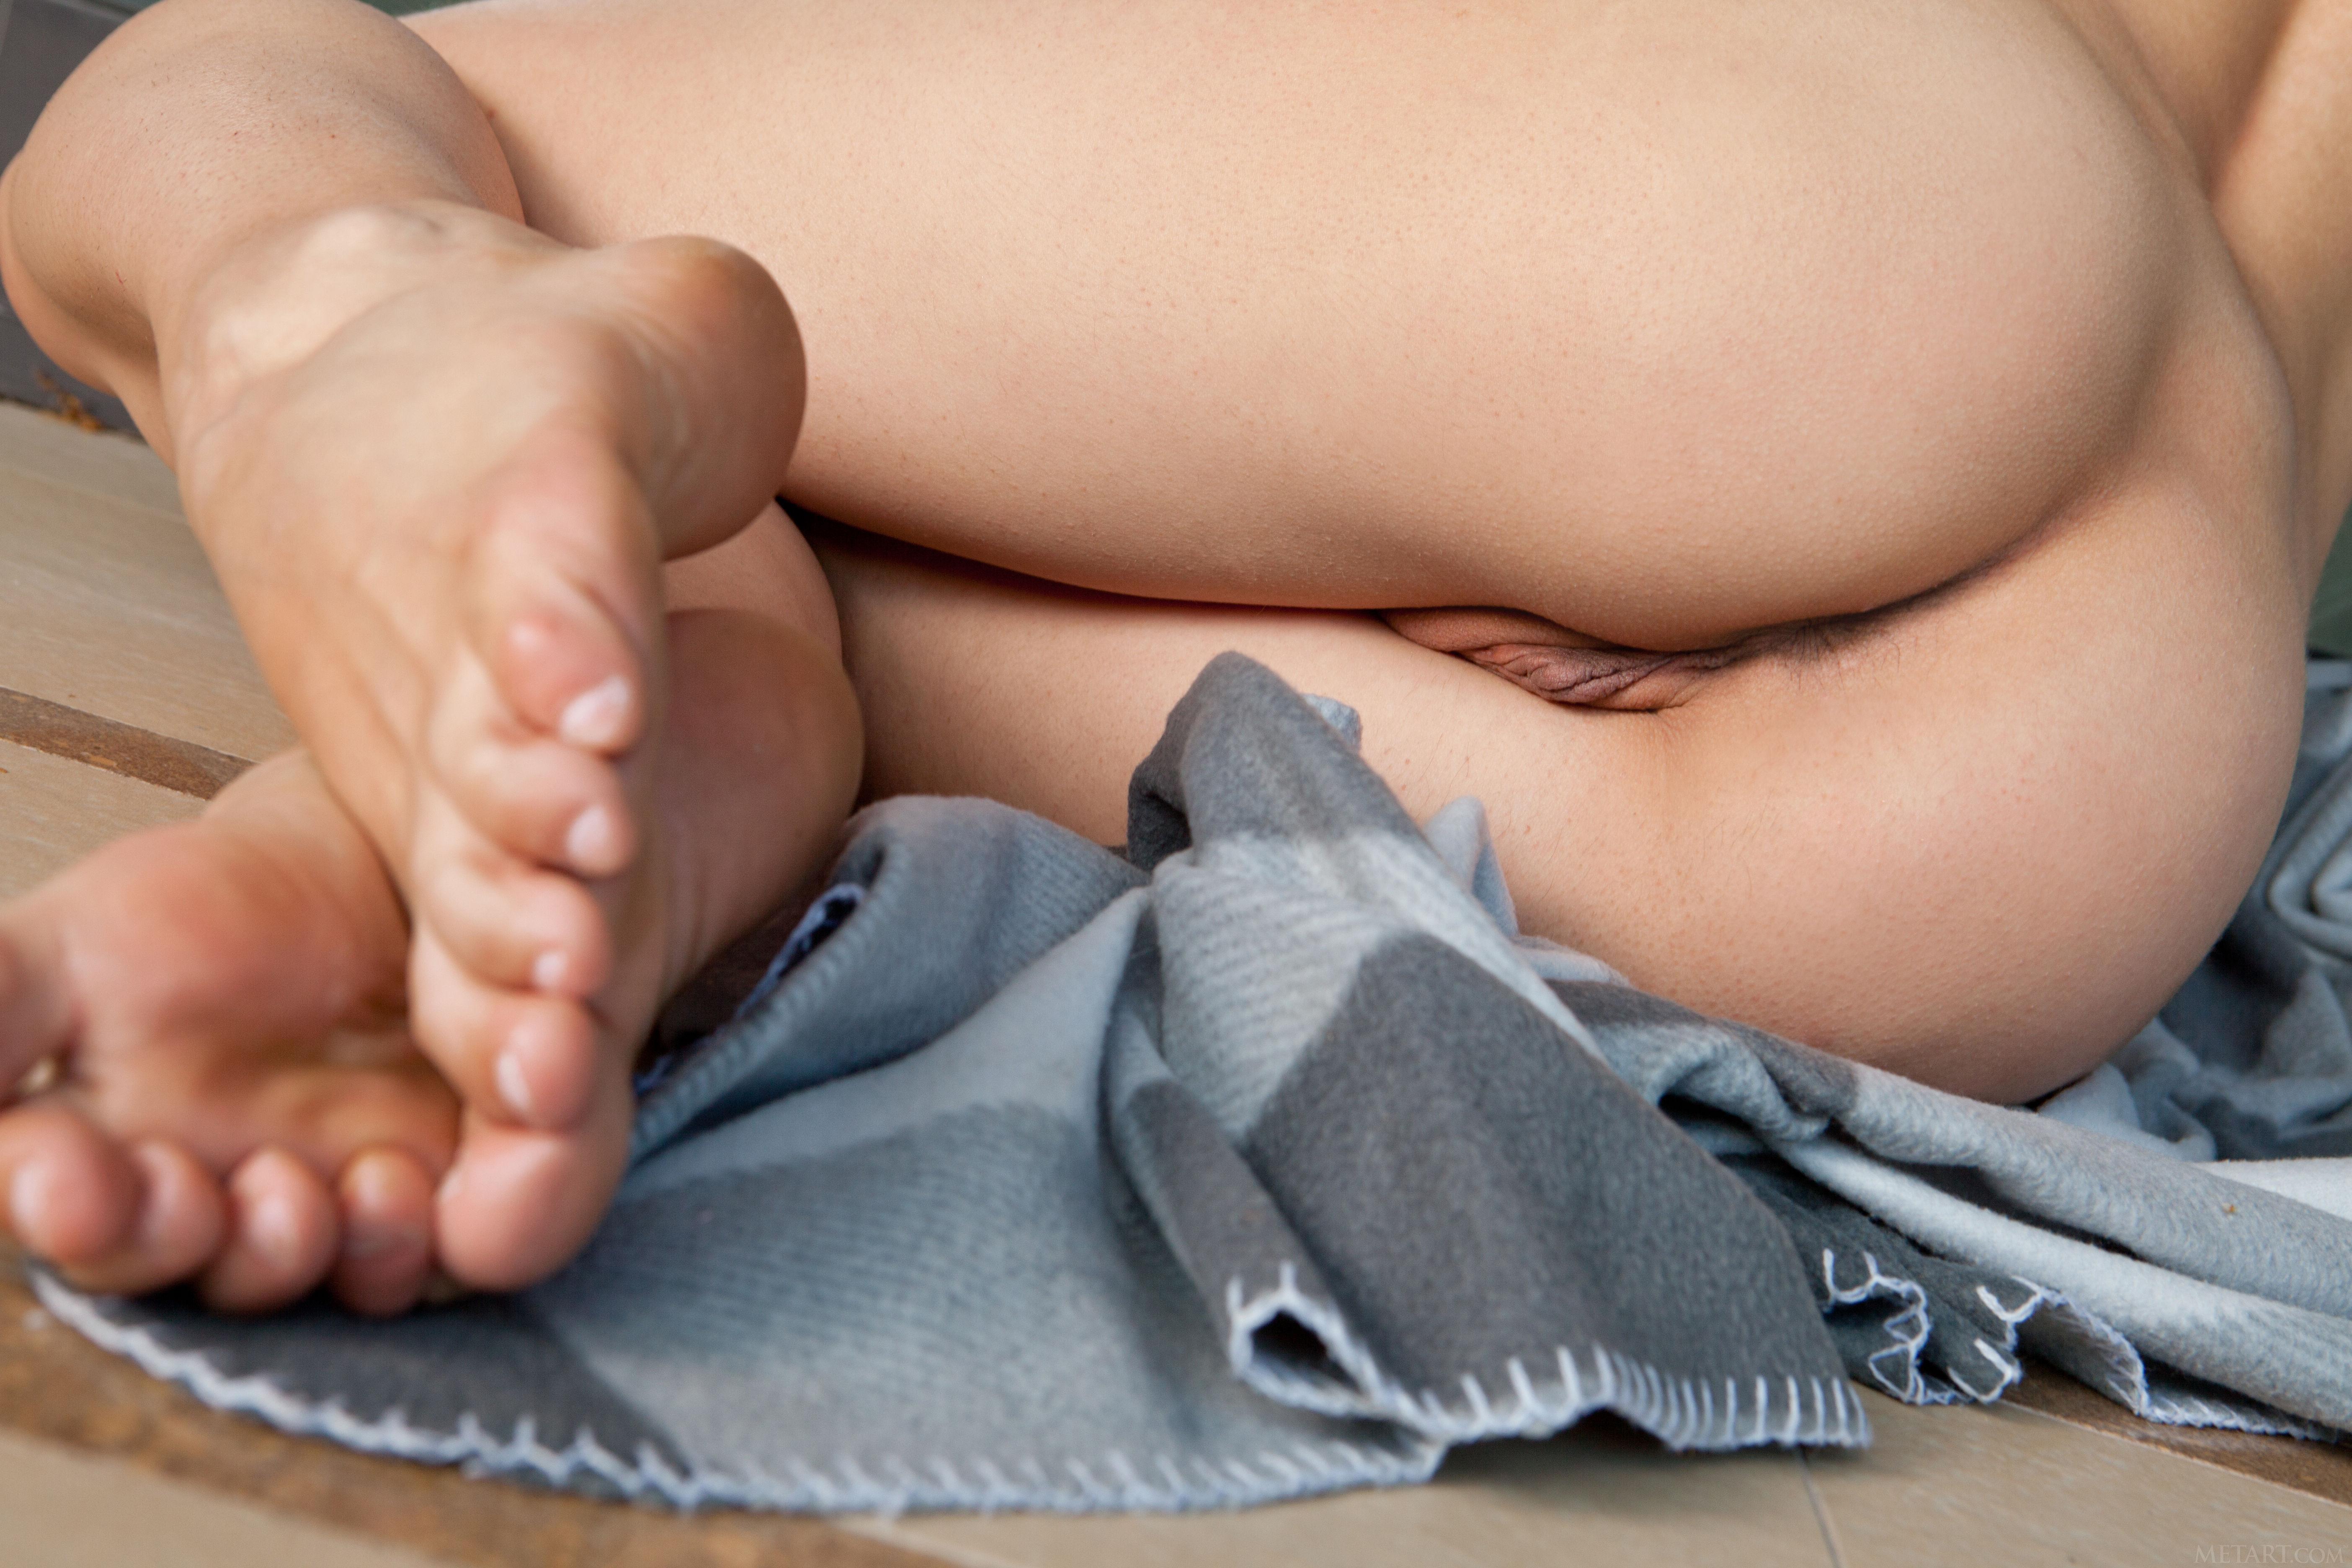 znayu-dva-eroticheskih-blyuda